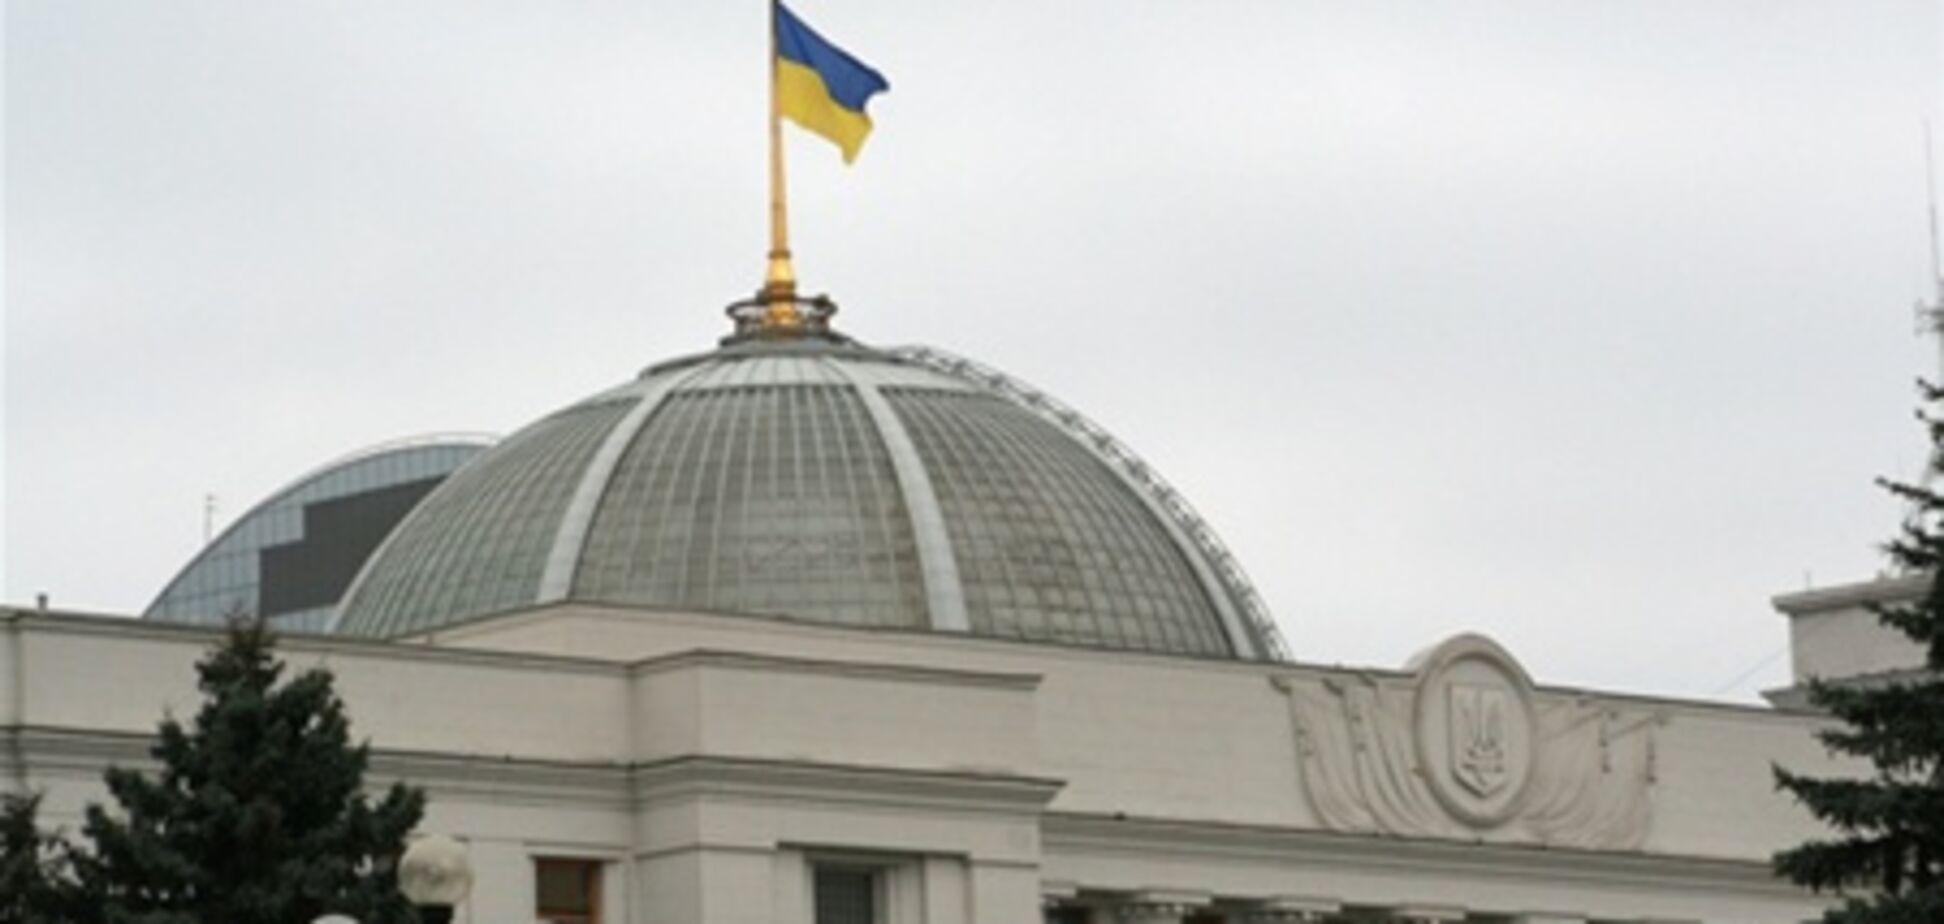 Біля Верховної Ради двірник знайшов предмет, схожий на бомбу